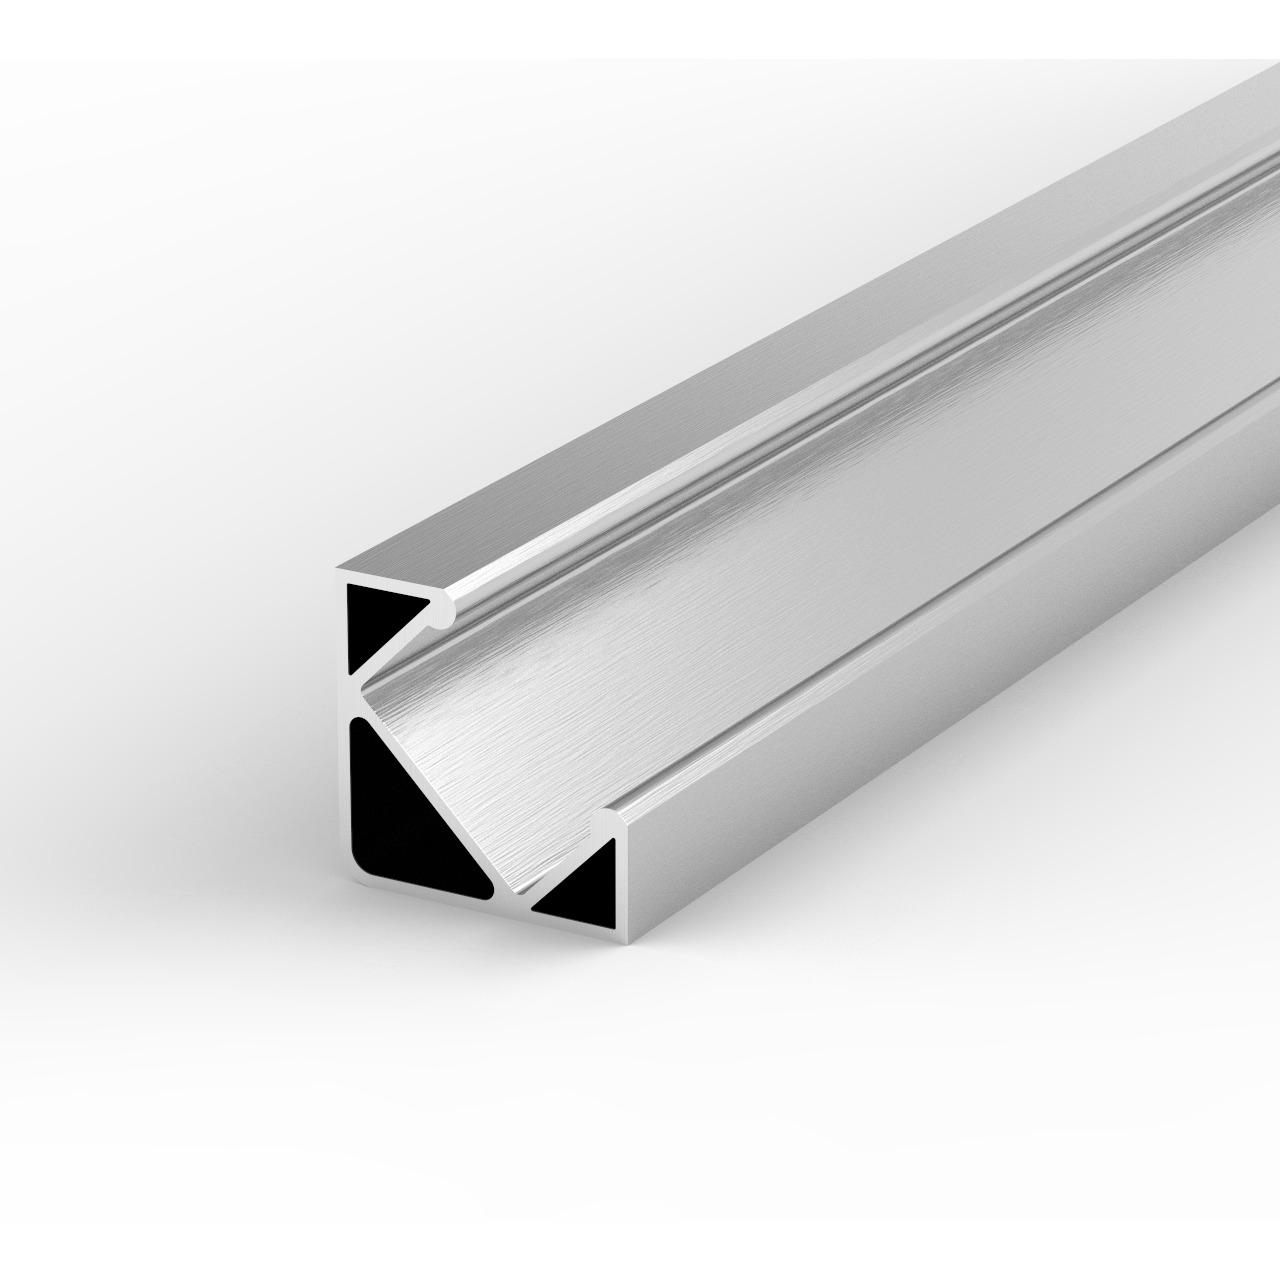 1-m-Aluminiumprofil P3-1 für LED-Streifen- mit matter Abdeckung- inkl- Endkappen